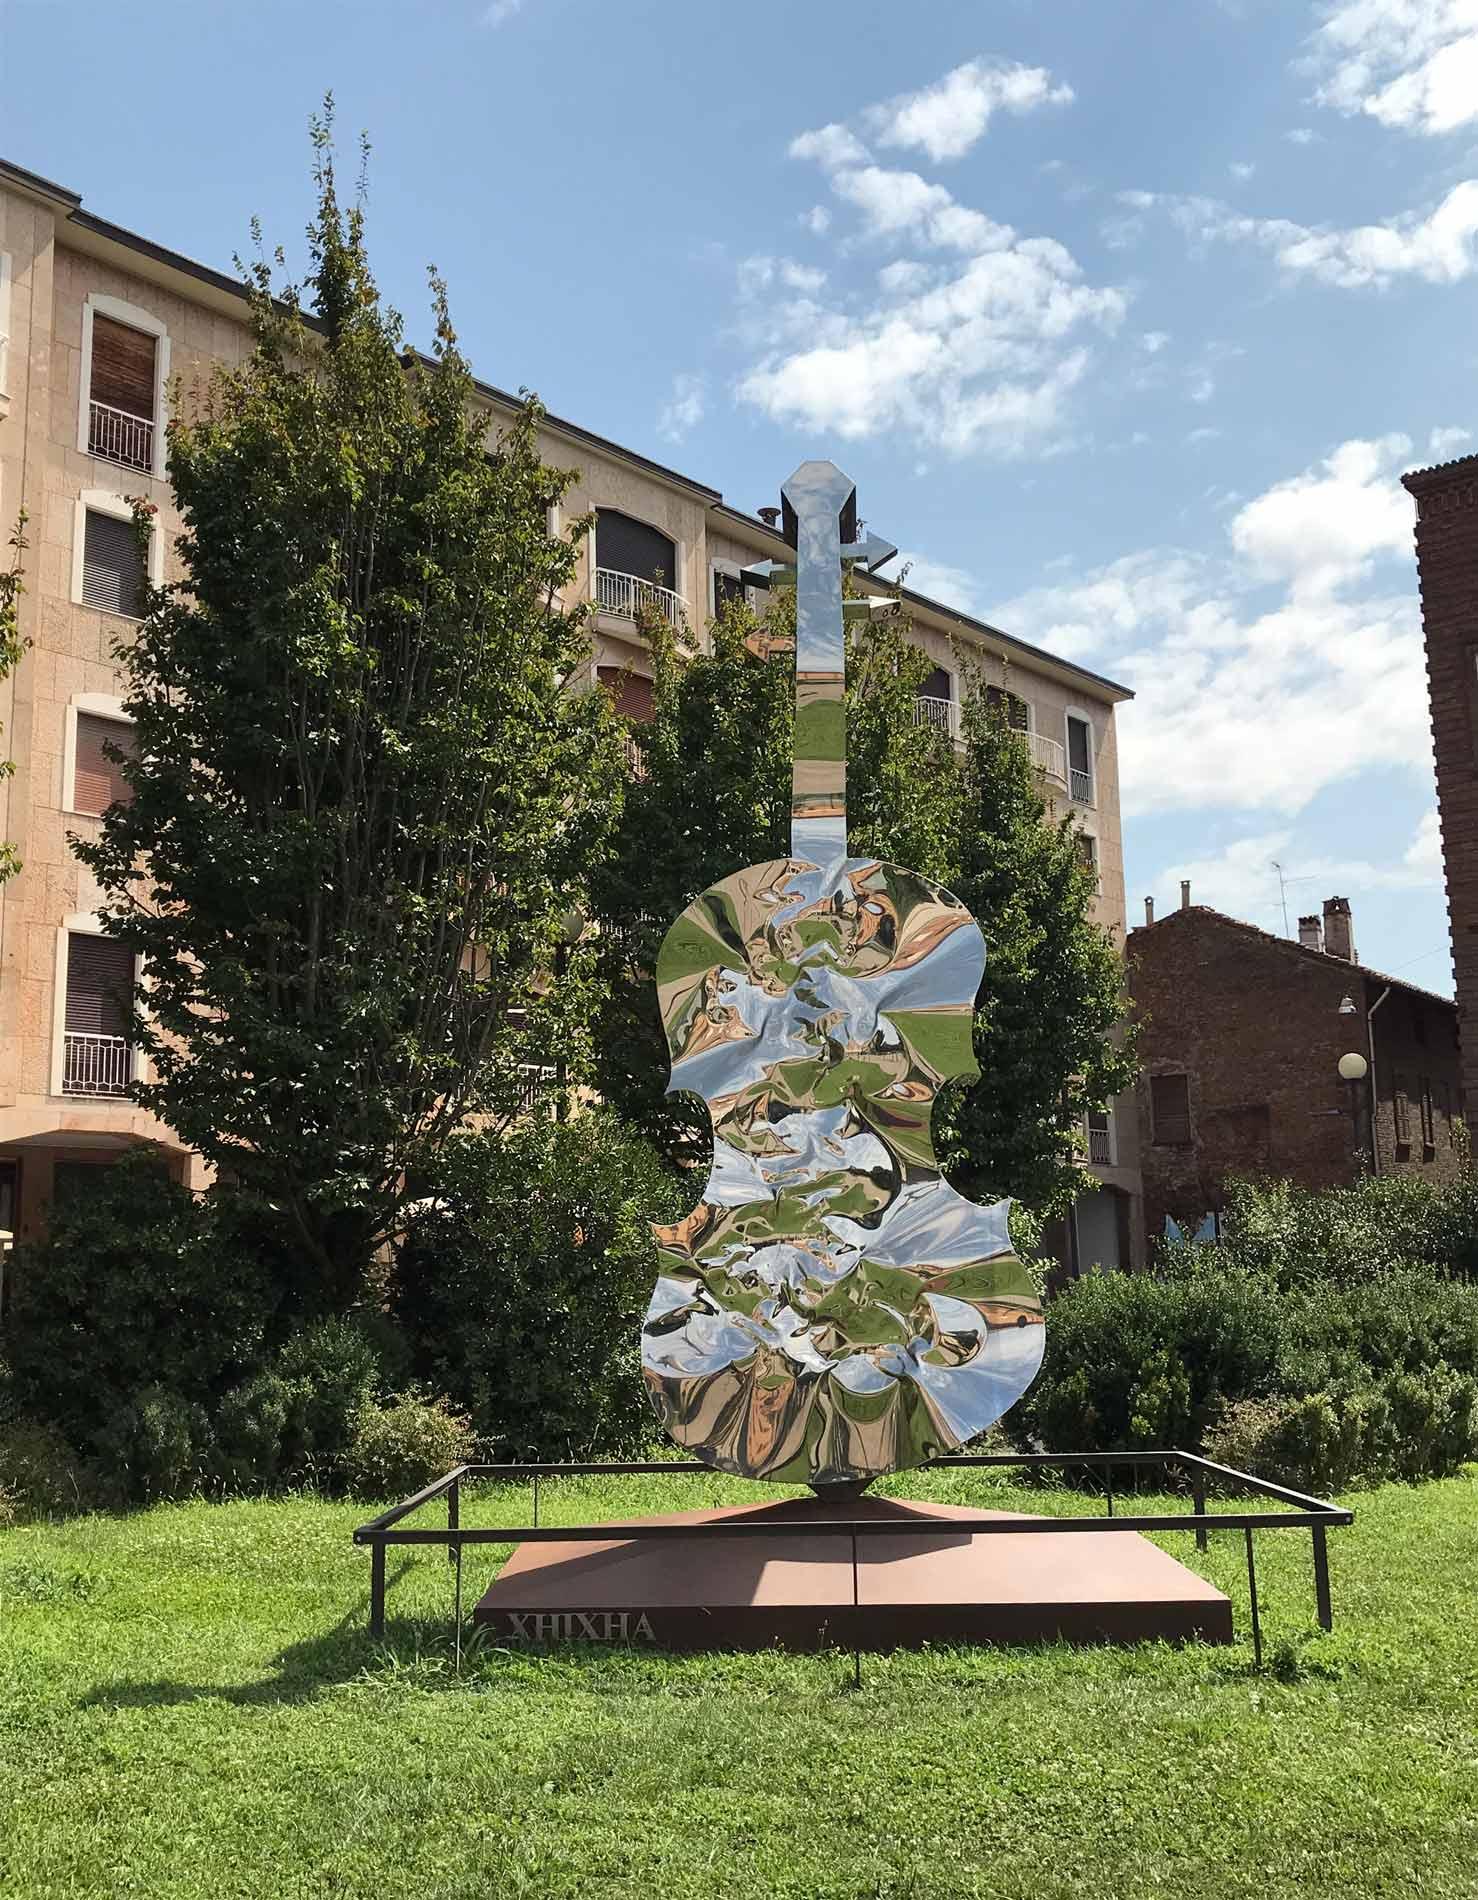 museo-del-violino-Cremona-statua-violino-esterno-piazza-marconi